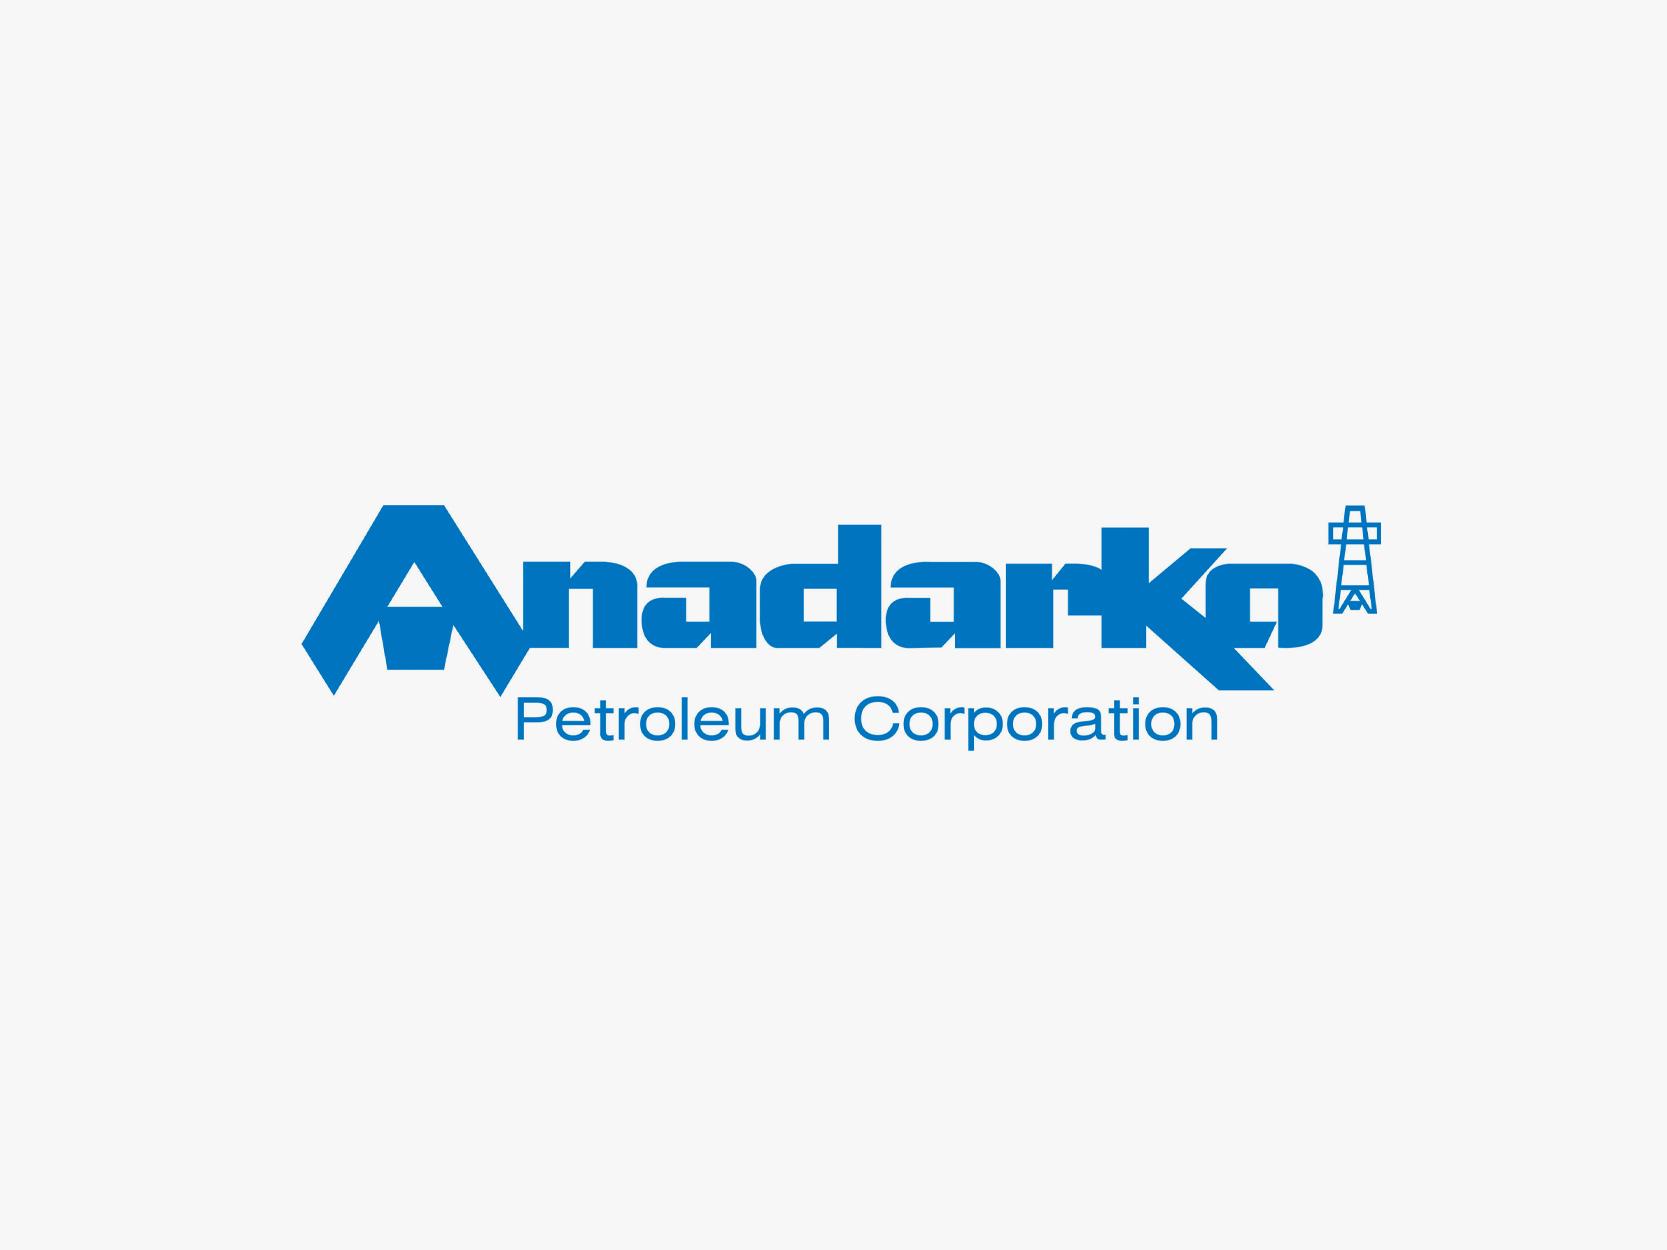 Anadarko.jpg